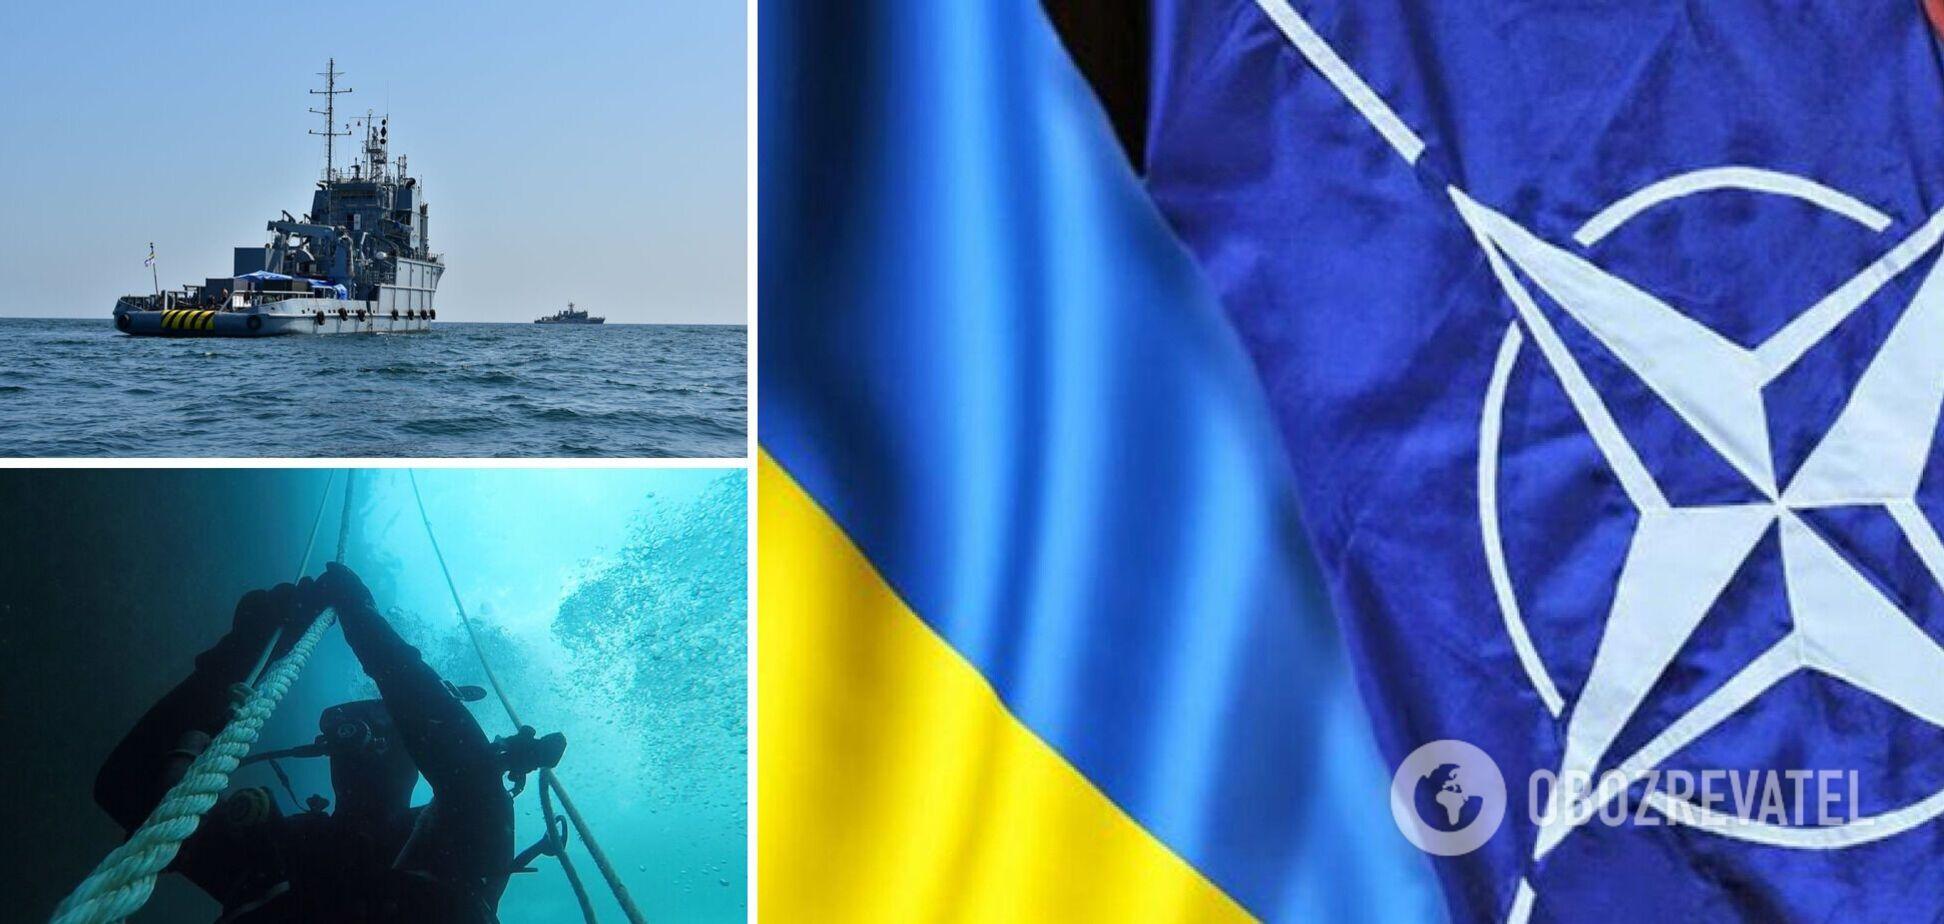 В Черном море стартовали военные учения с участием Украины и НАТО. Фото